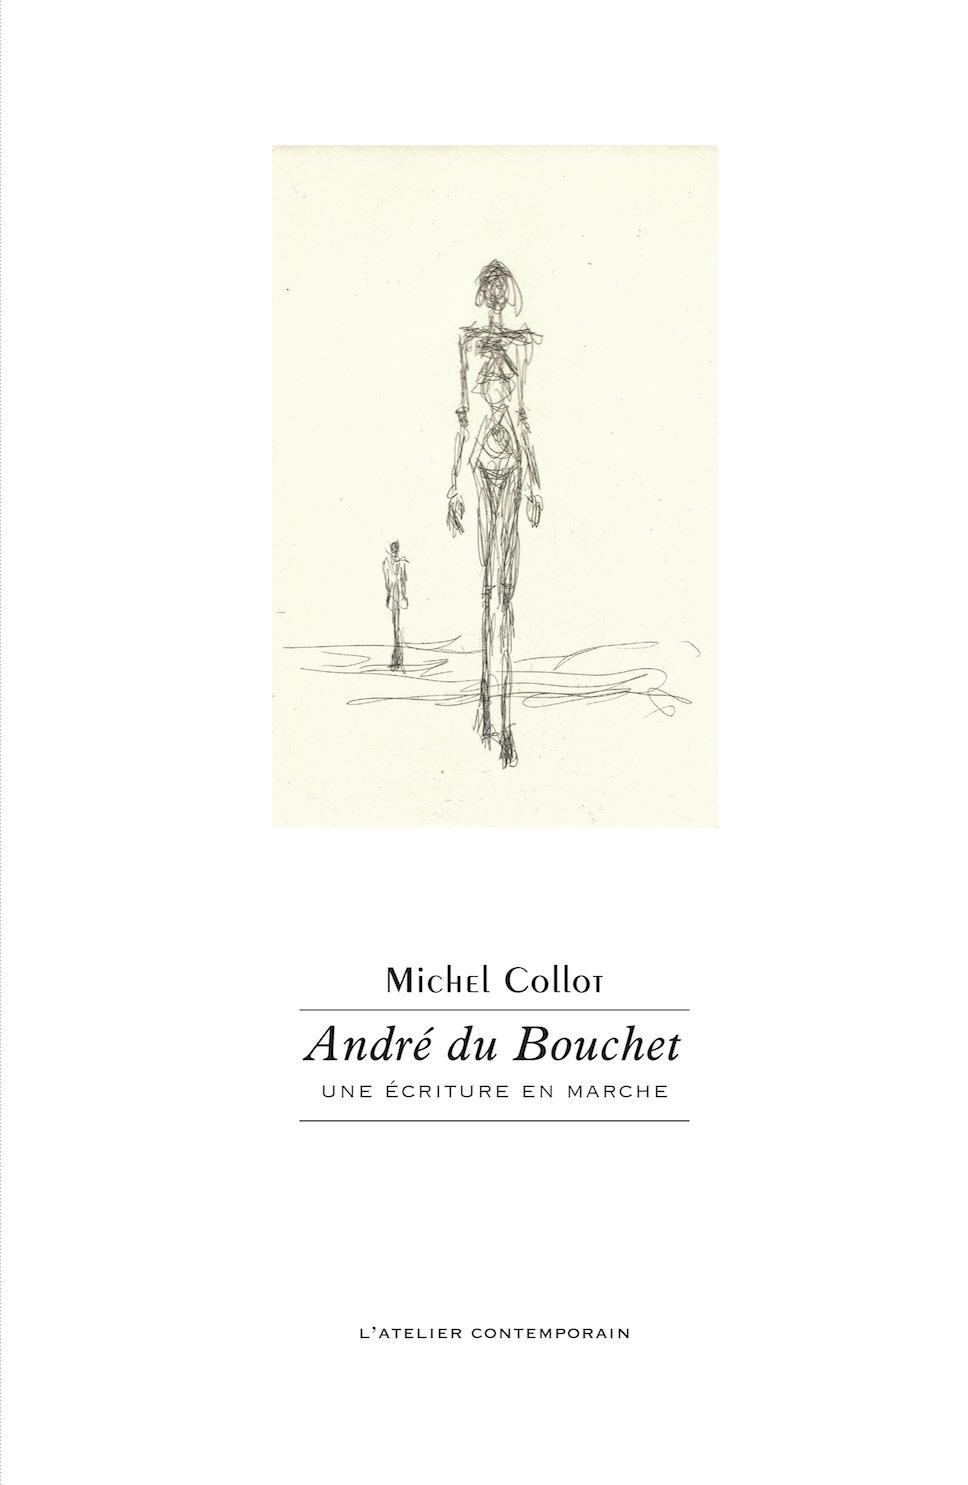 M. Collot, André du Bouchet. Une écriture en marche